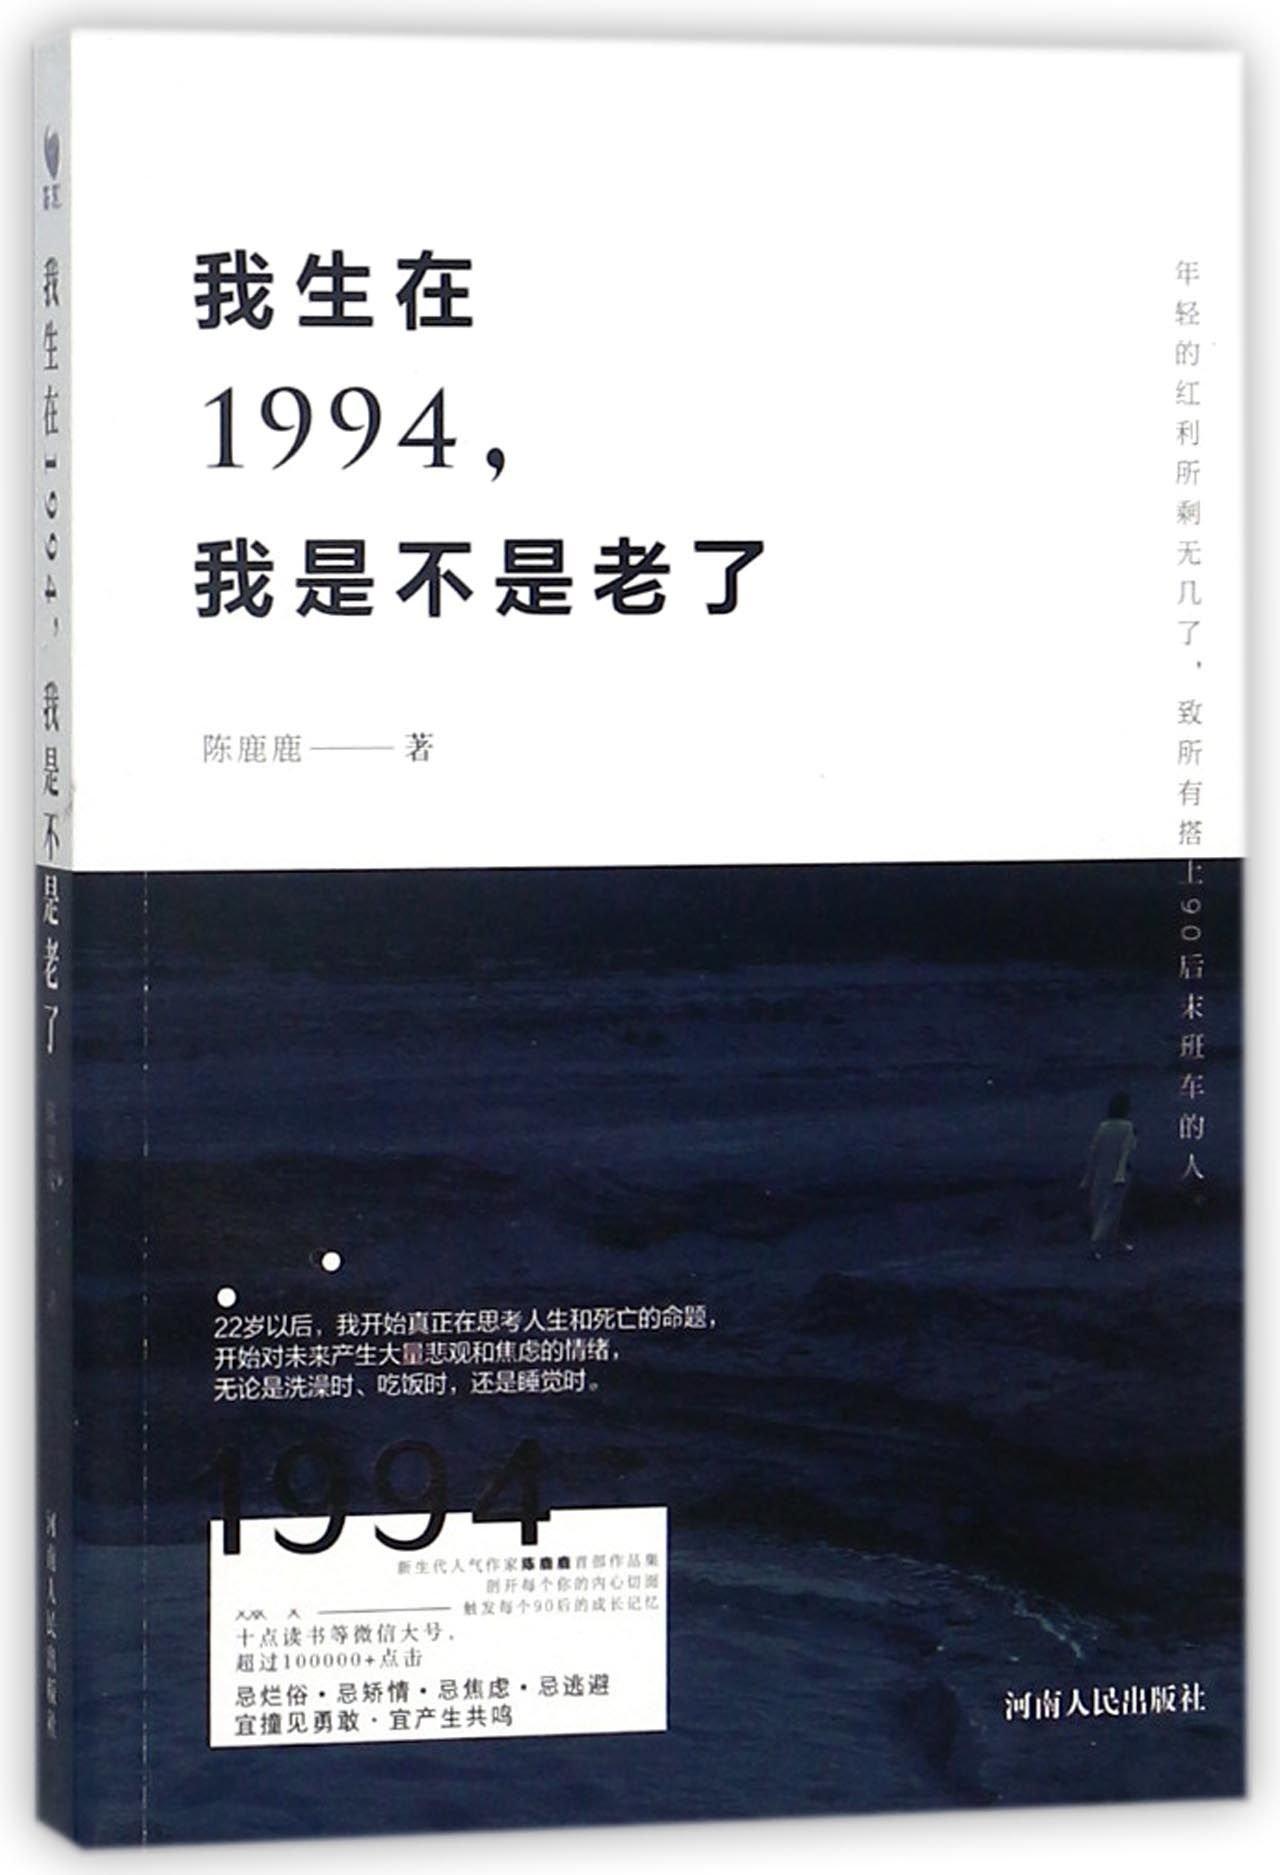 我生在1994我是不是老了 PDF